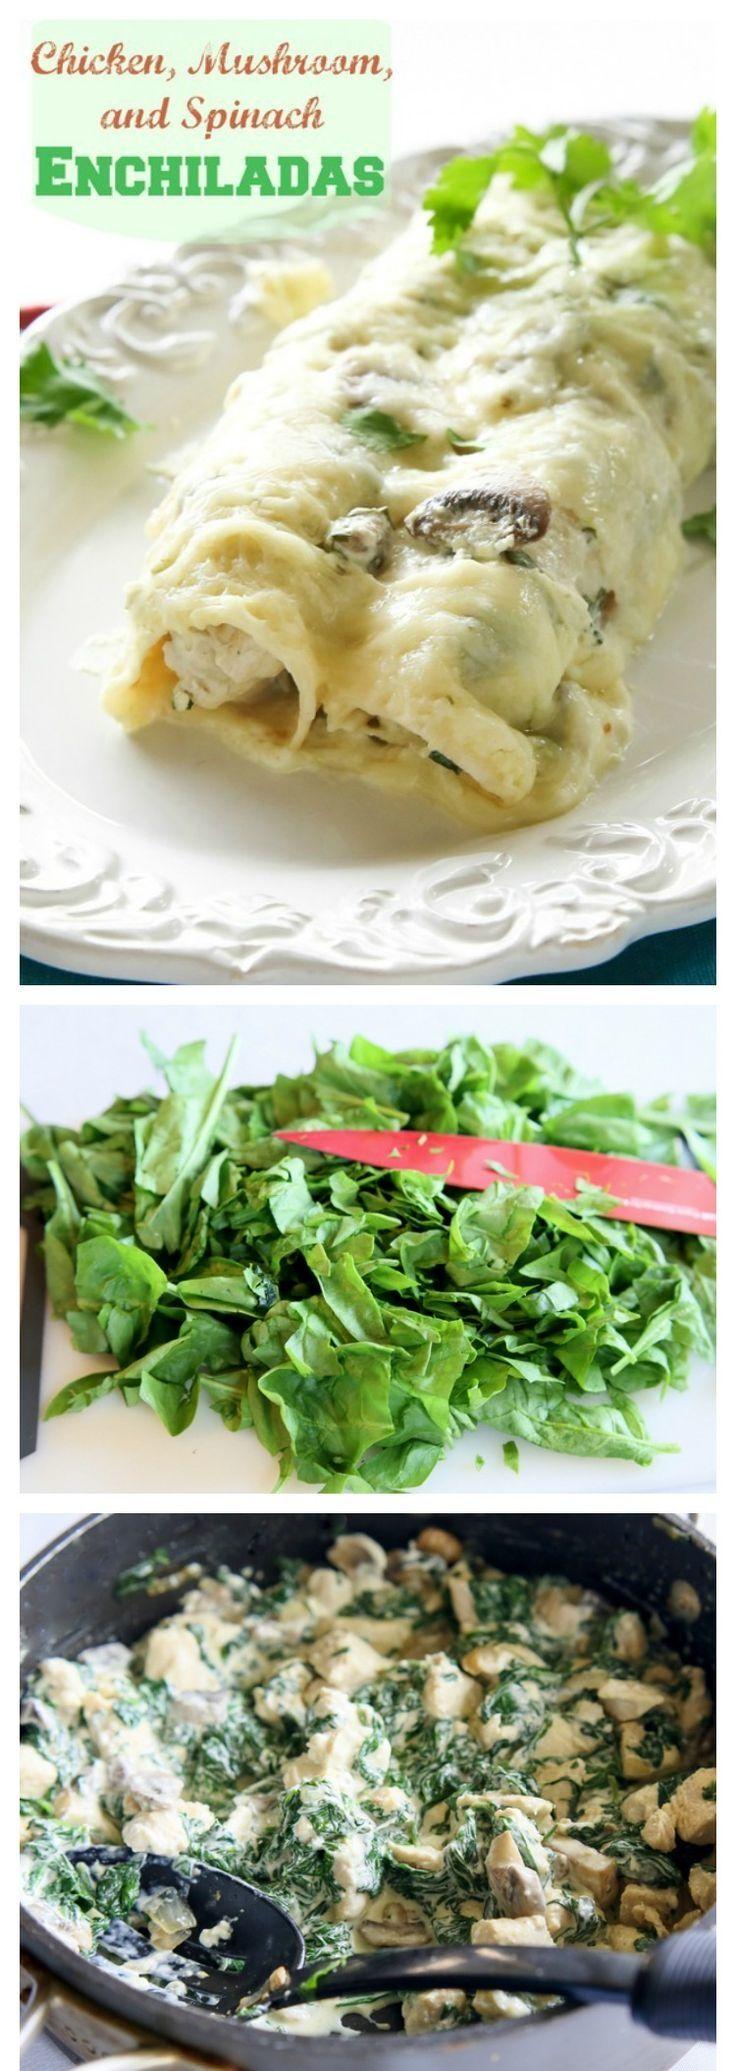 25+ best ideas about Spinach enchiladas on Pinterest ...